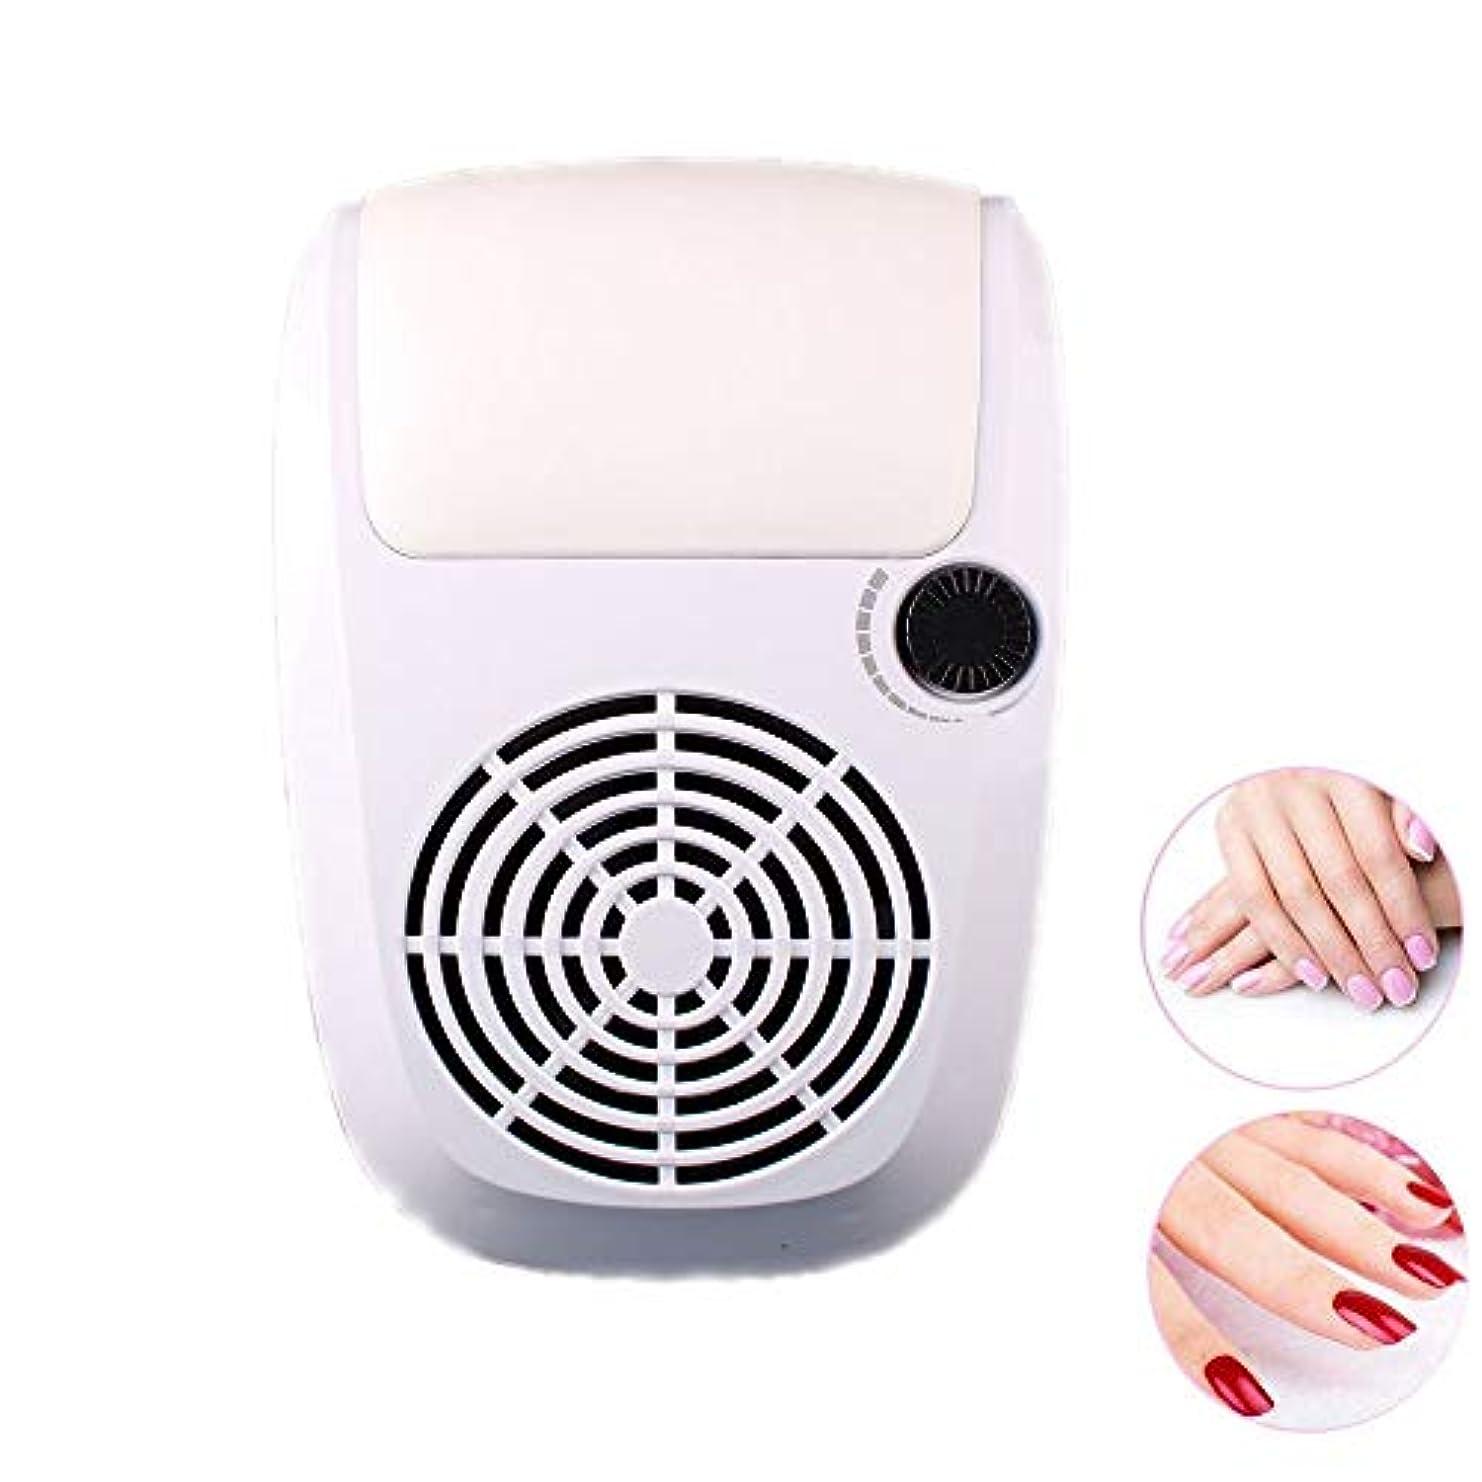 スペクトラムさわやかドット調節可能な掃除機、2つの塵袋が付いている調節可能で強力で釘の掃除機のマニキュア用具、実用的で釘の大広間のクリーニング装置,白